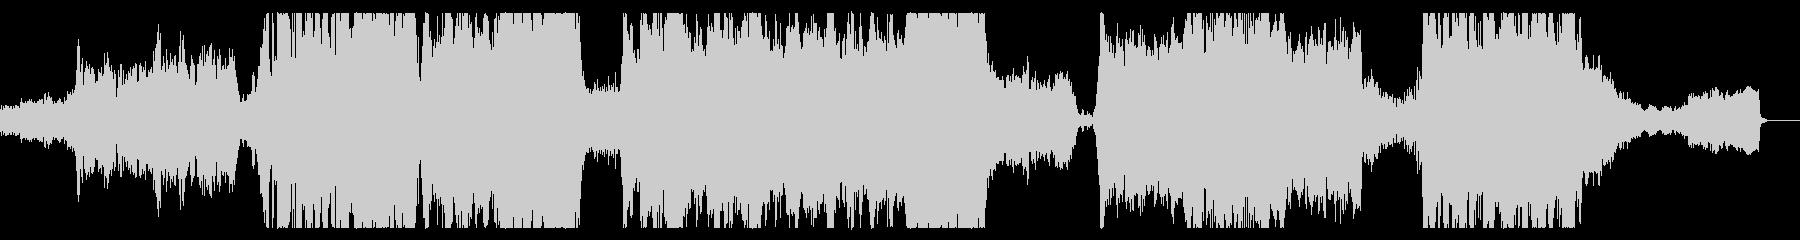 勇壮なフルオーケストラ曲の未再生の波形